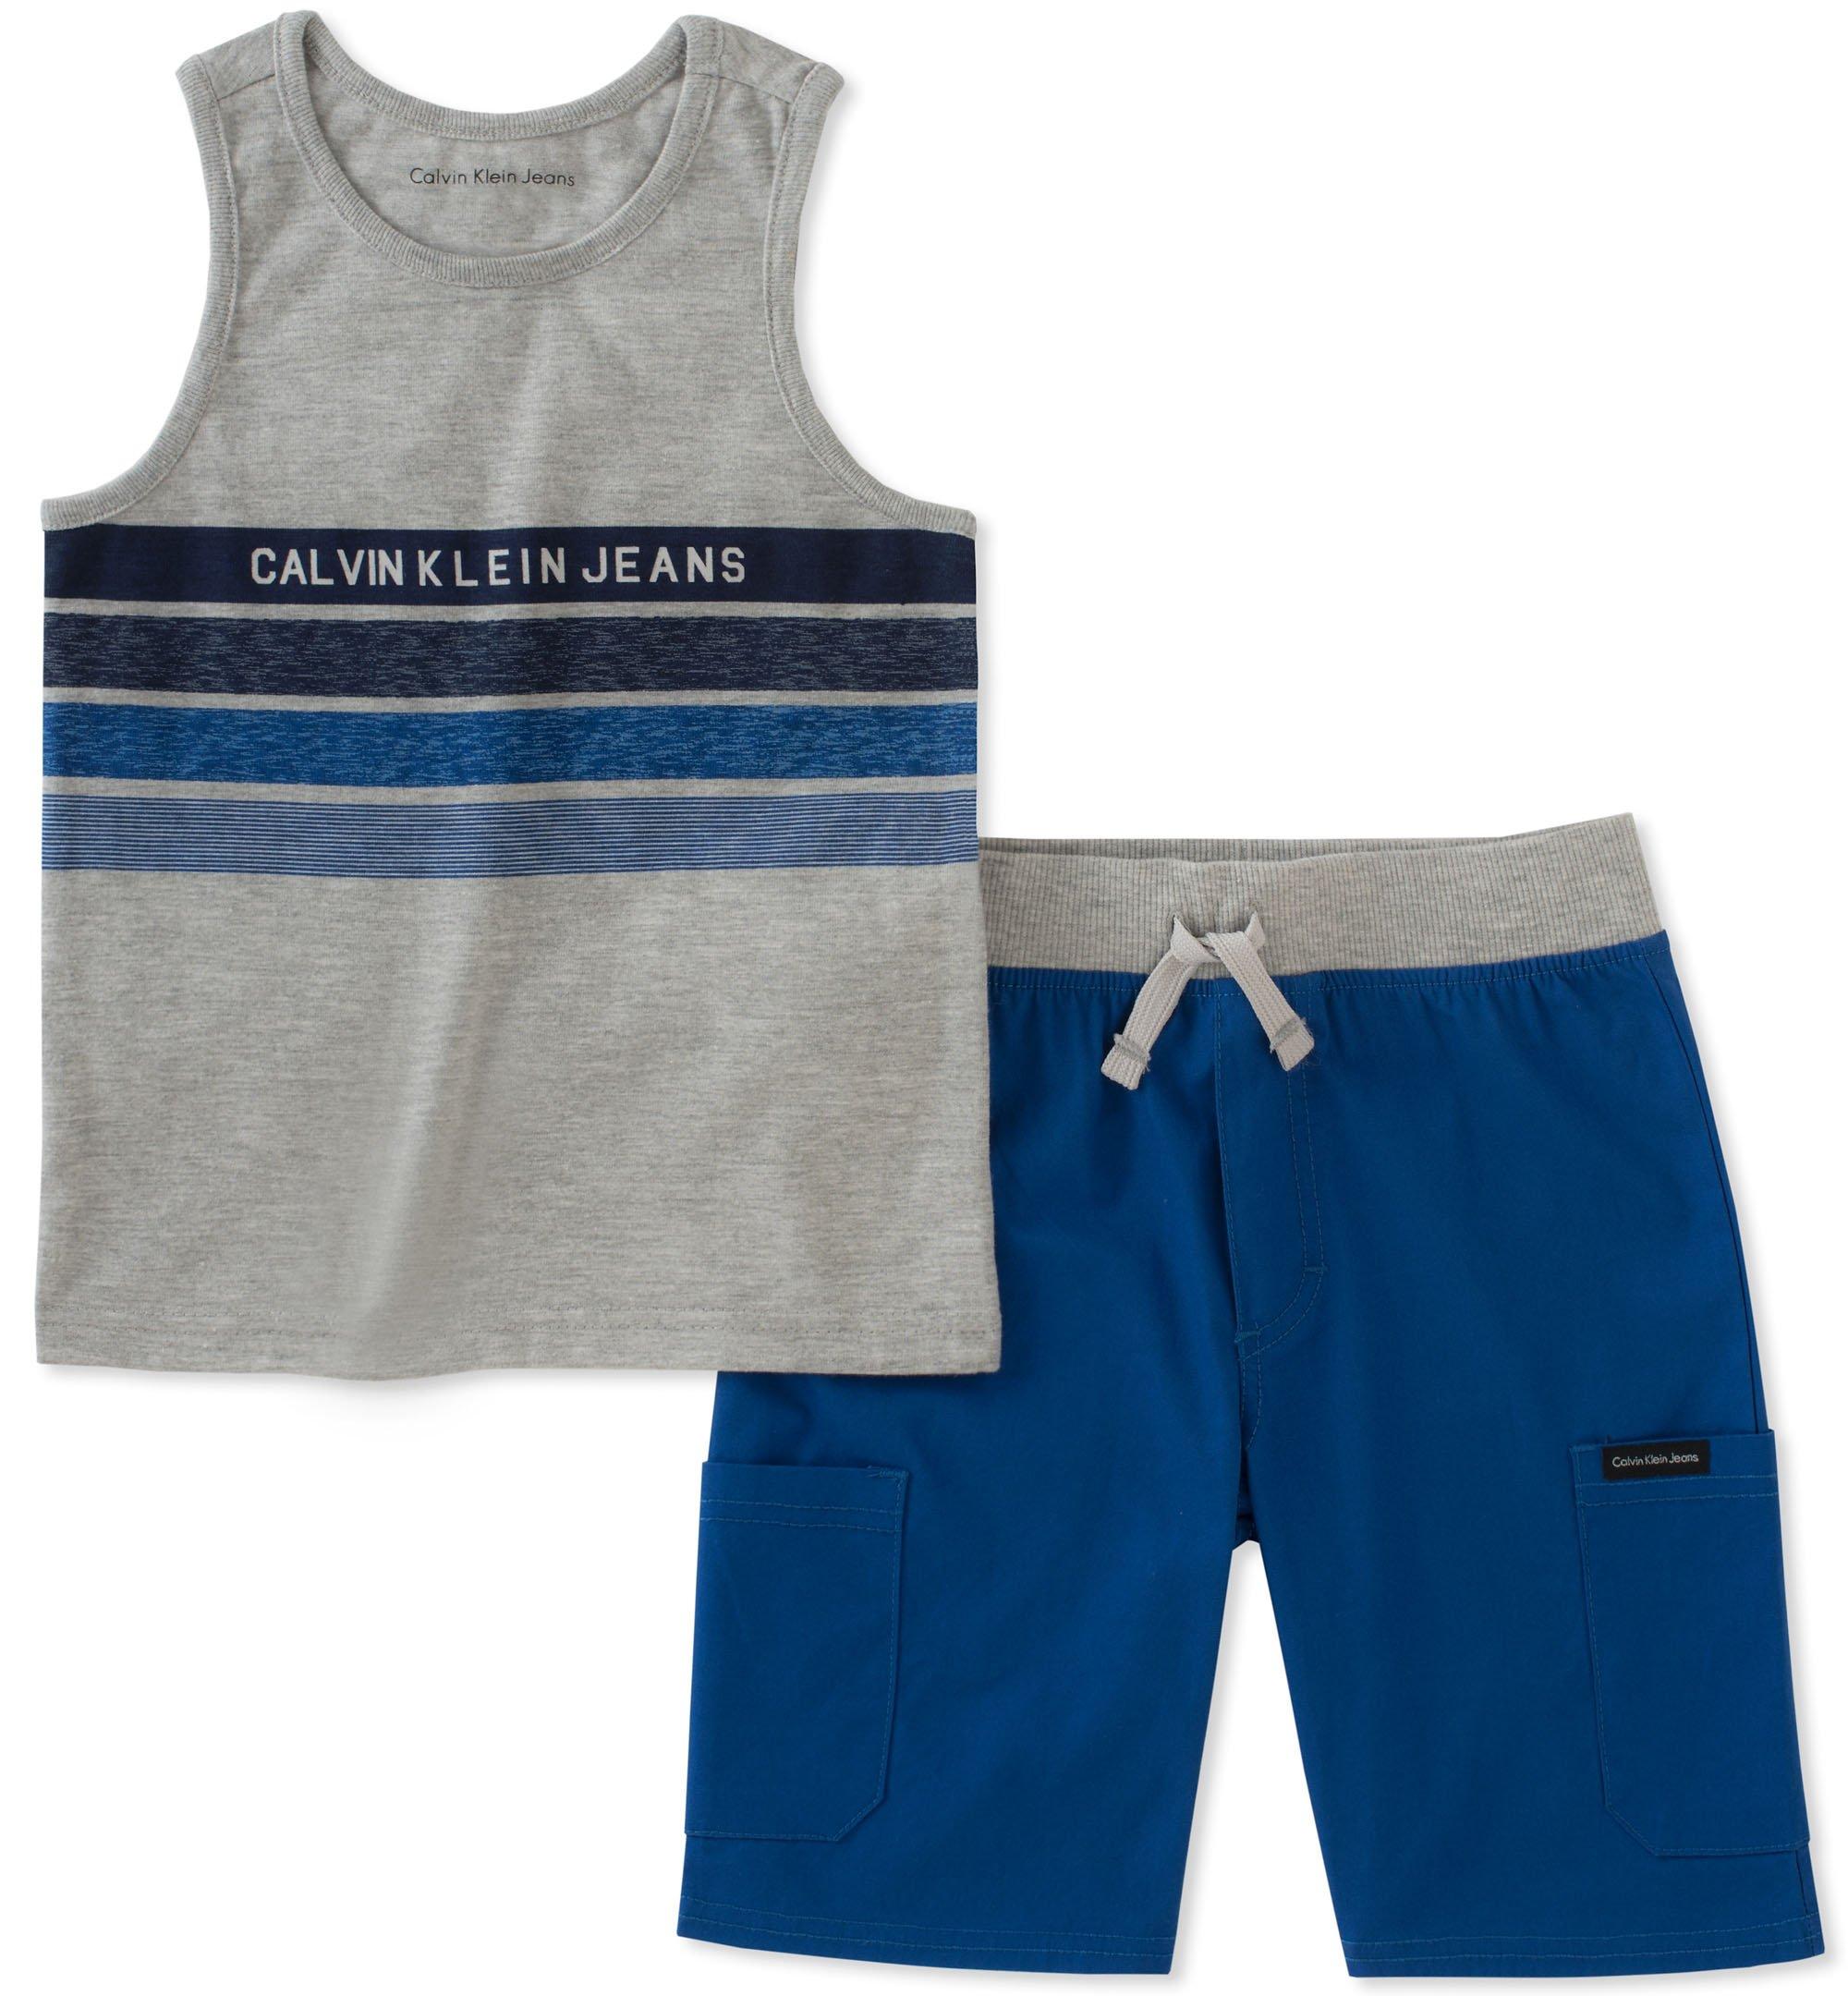 Calvin Klein Boys' Little 2 Pieces Tank Top Shorts Set, Gray/Navy, 4